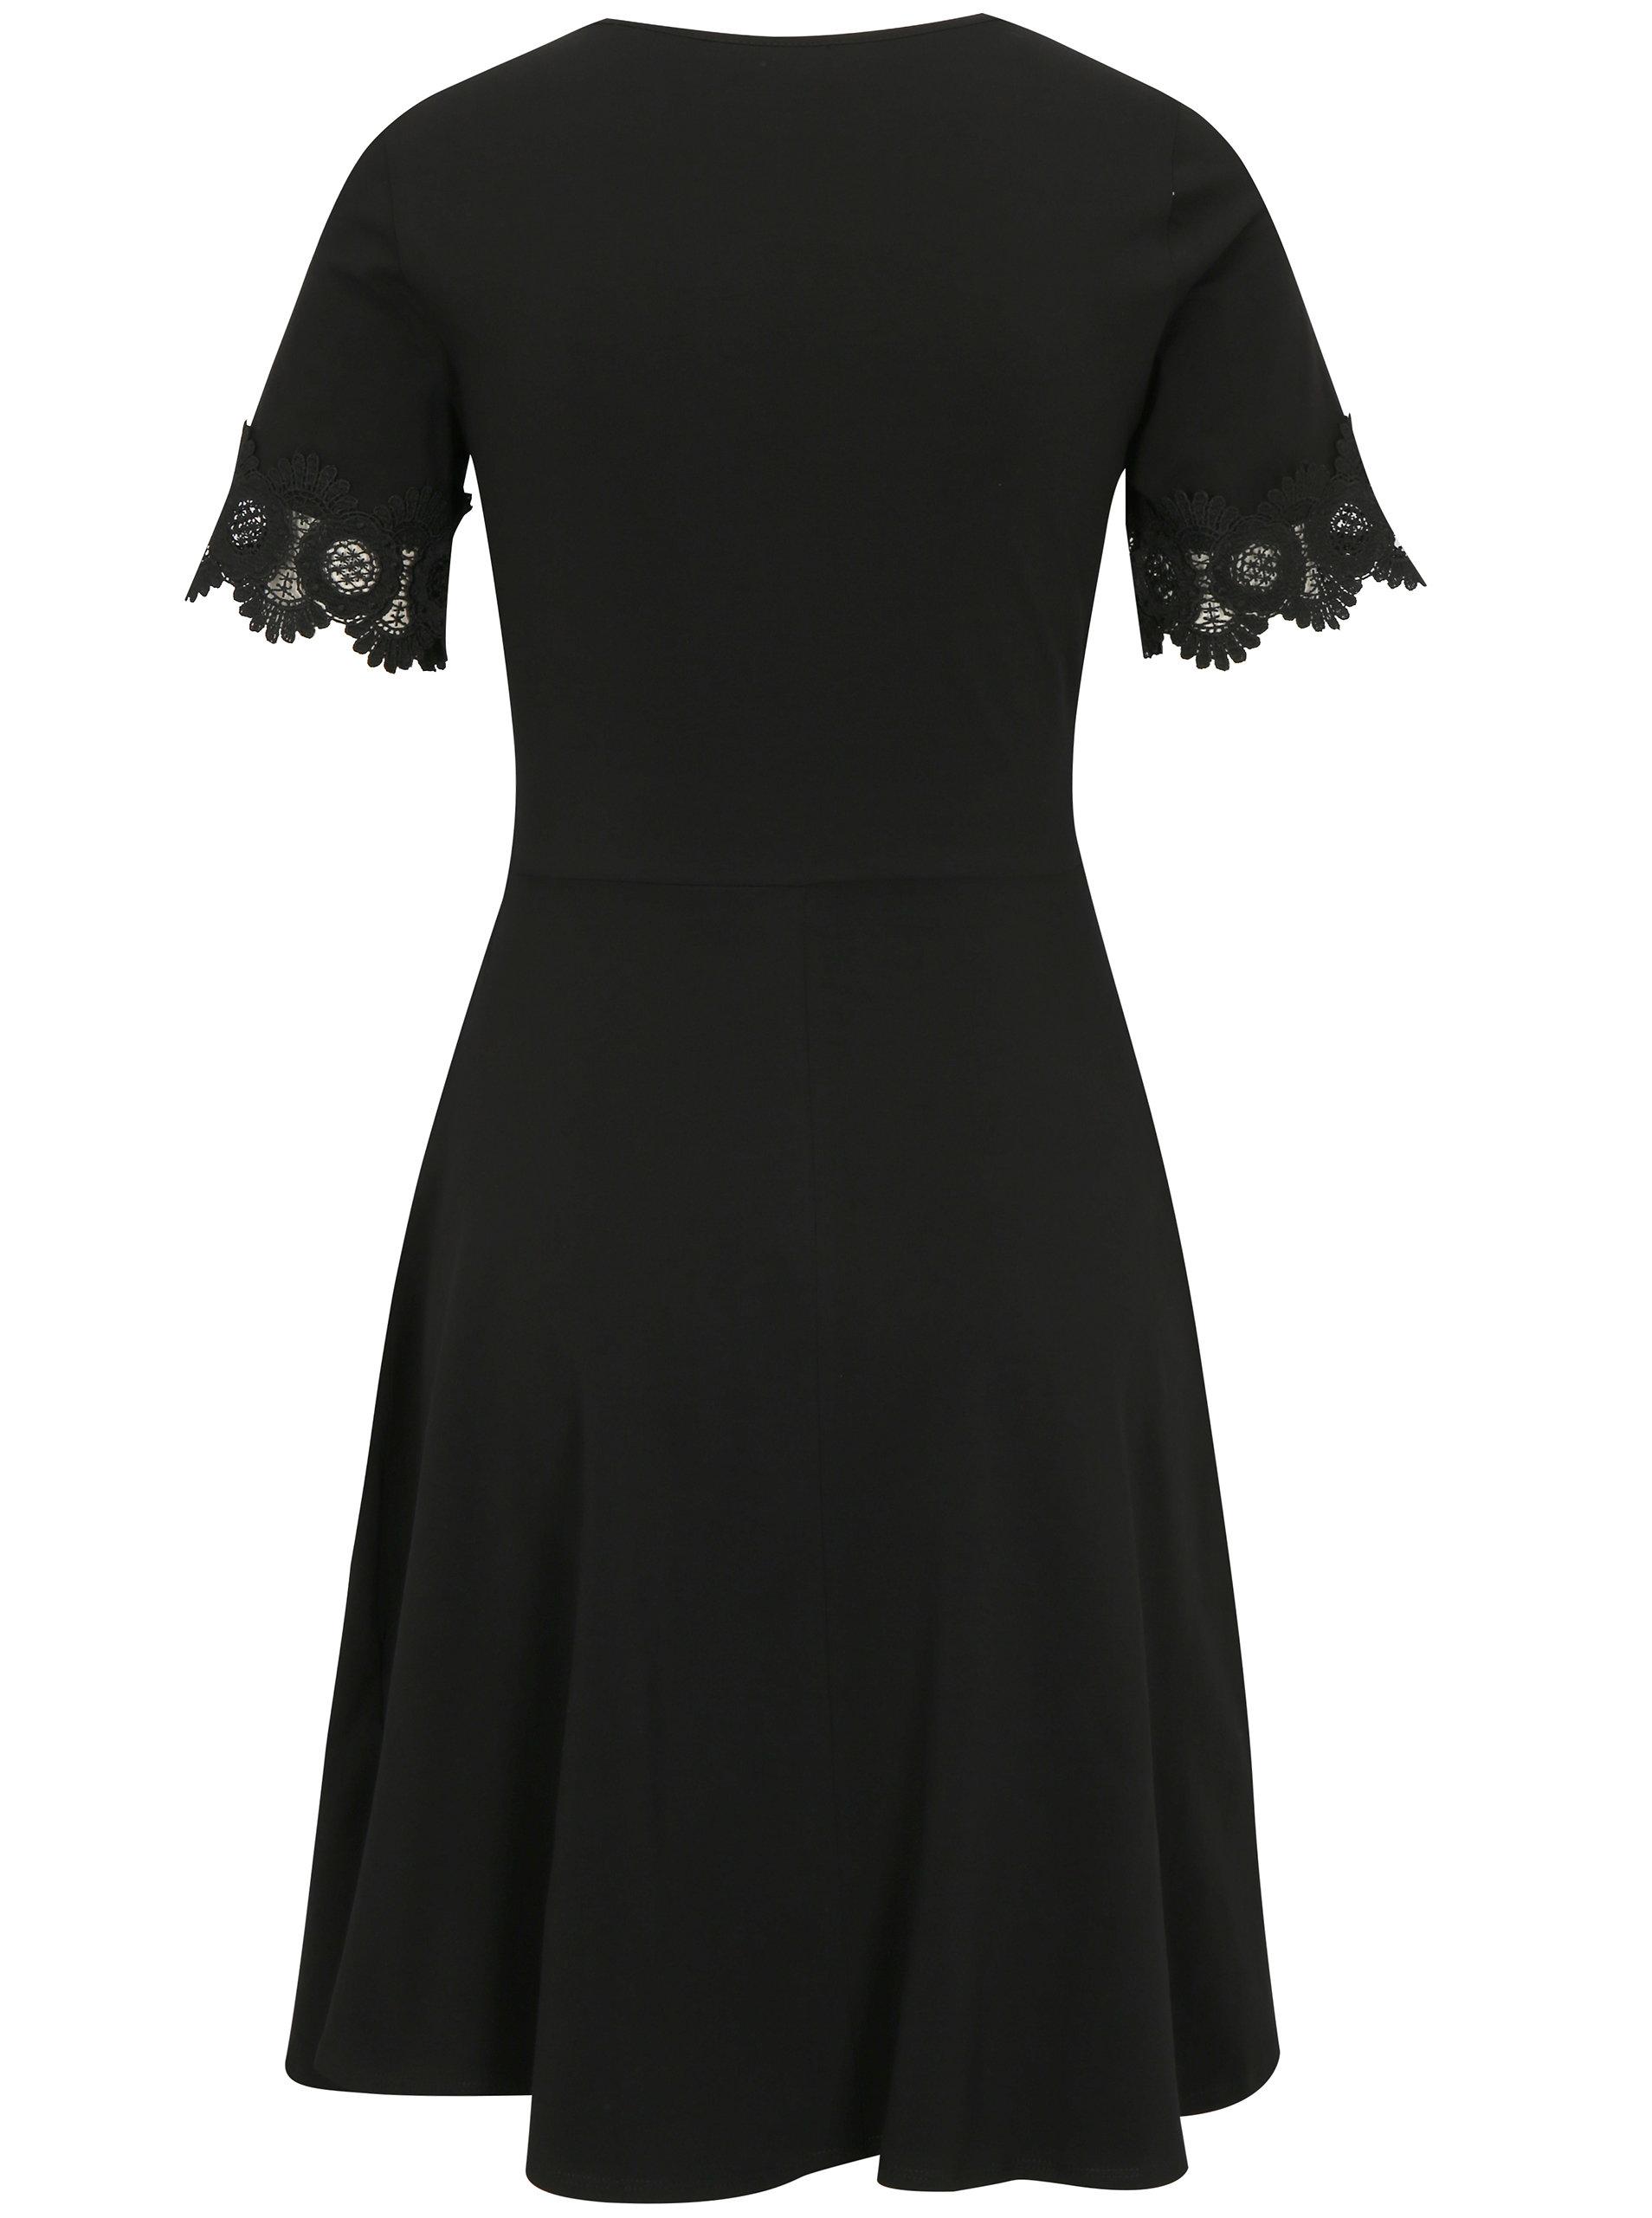 e90e08e1aea9 Čierne šaty s krátkym rukávom Dorothy Perkins ...